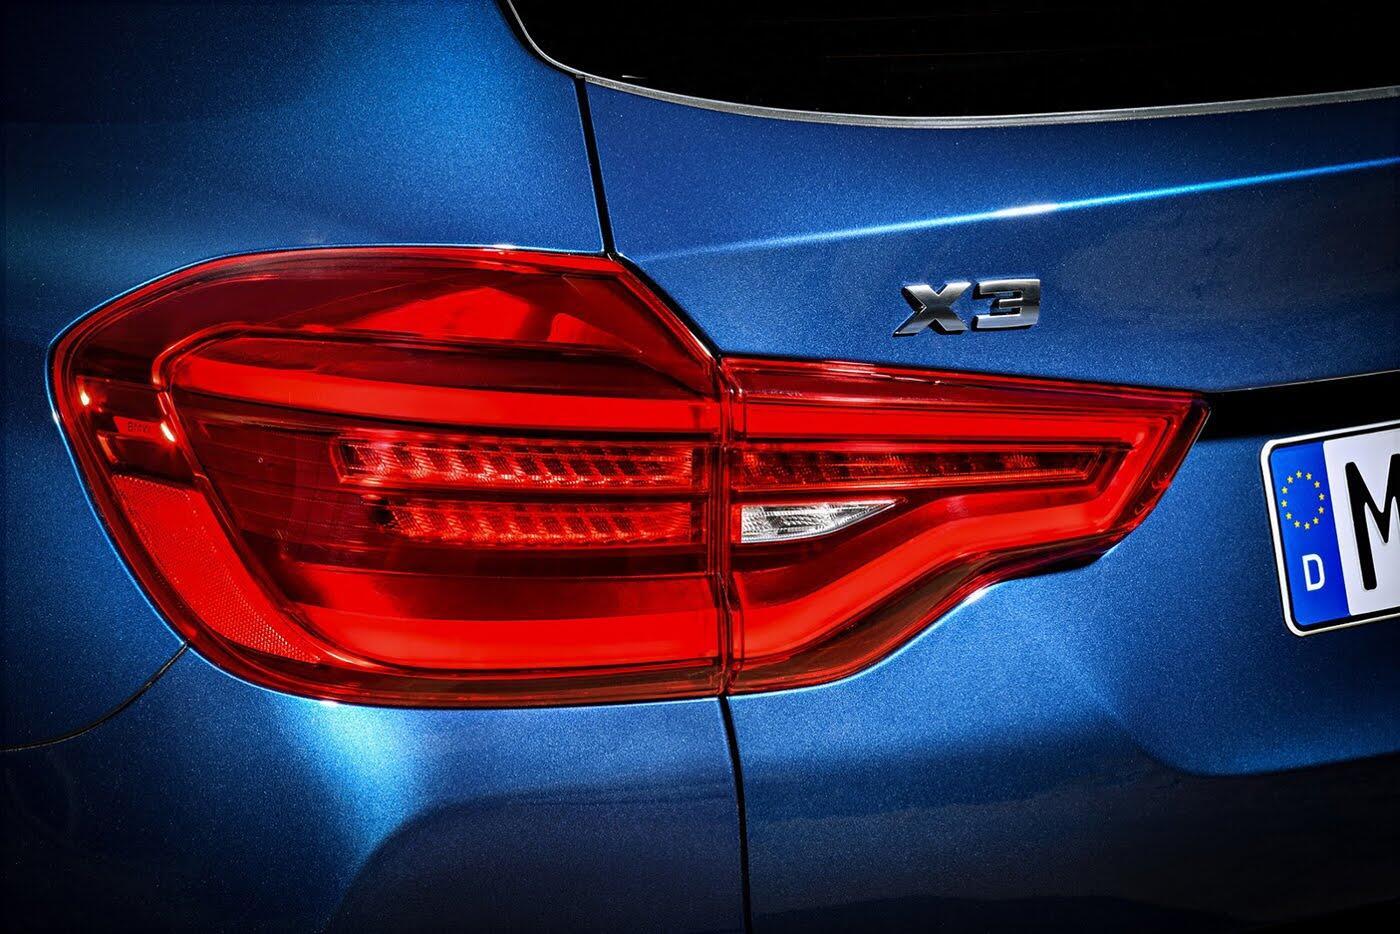 Ảnh chi tiết BMW X3 2018 hoàn toàn mới - Hình 15